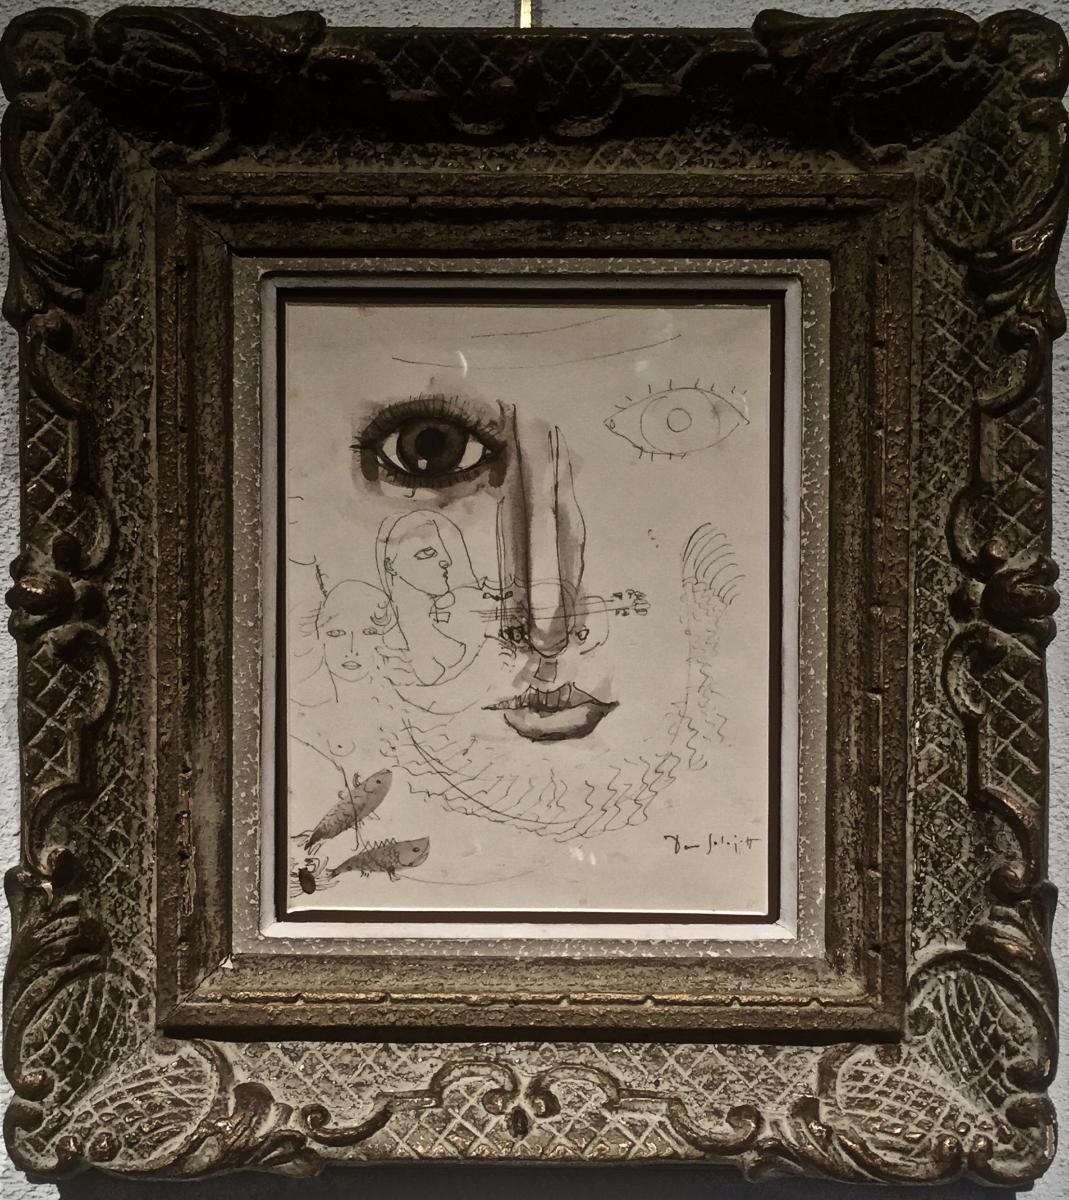 Dan SOLOJOFF (1908-1994) - Surréaliste néo-primitiviste